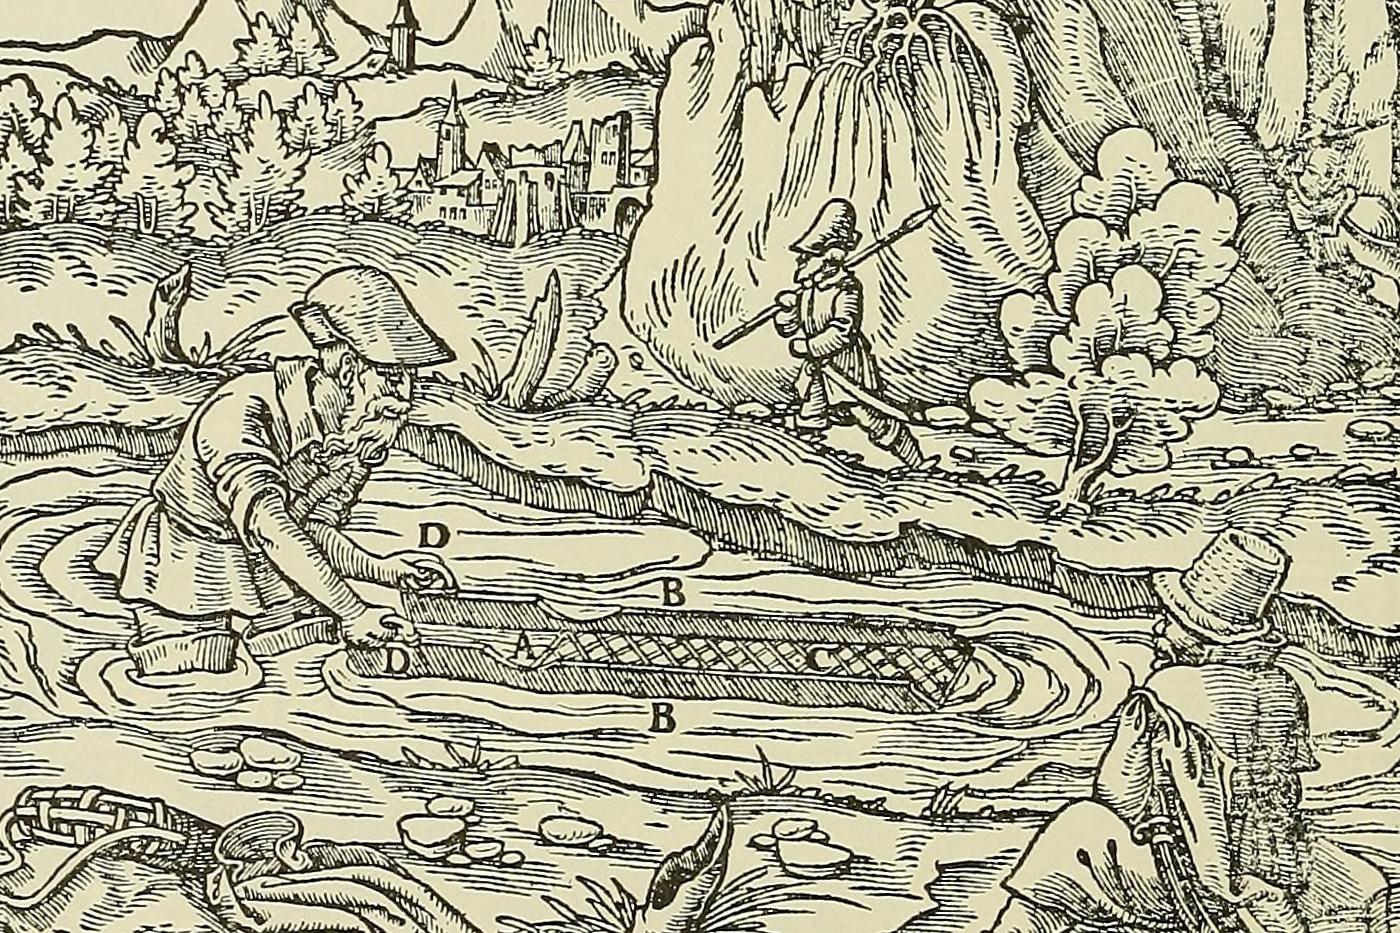 Így ábrázolta az aranymosást a folyóban Gregorius Agricola (1494 – 1555), akit a mineralógia megalapítójának tekintenek. A kép a Tizenkét könyv a bányászatról és kohászatról című művéből való, amely kétszáz éven keresztül az ércbányászat és az ércek kohászati feldolgozásának leggyakrabban használt kézikönyve volt. Forrás: Boston Library Consortium Member Libraries.